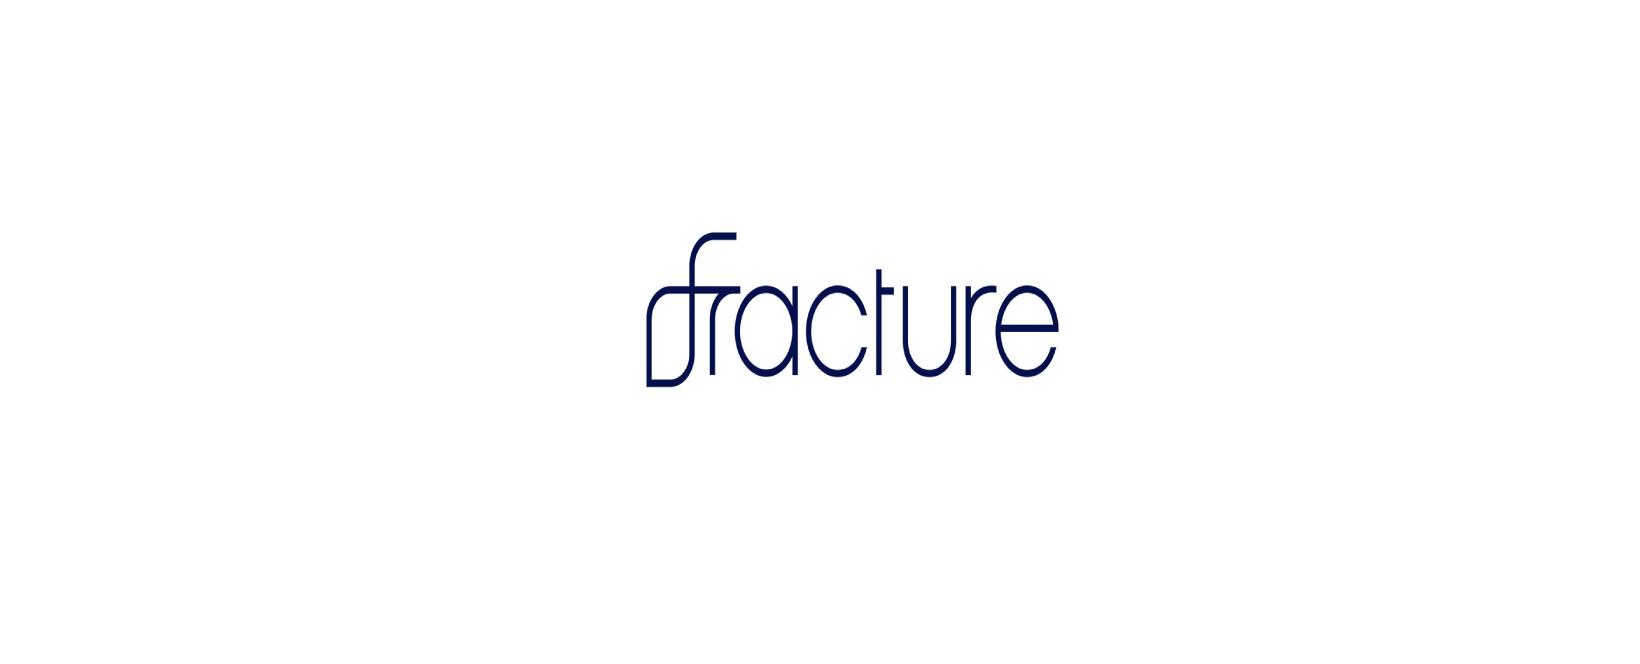 Fracture Discount Code 2021